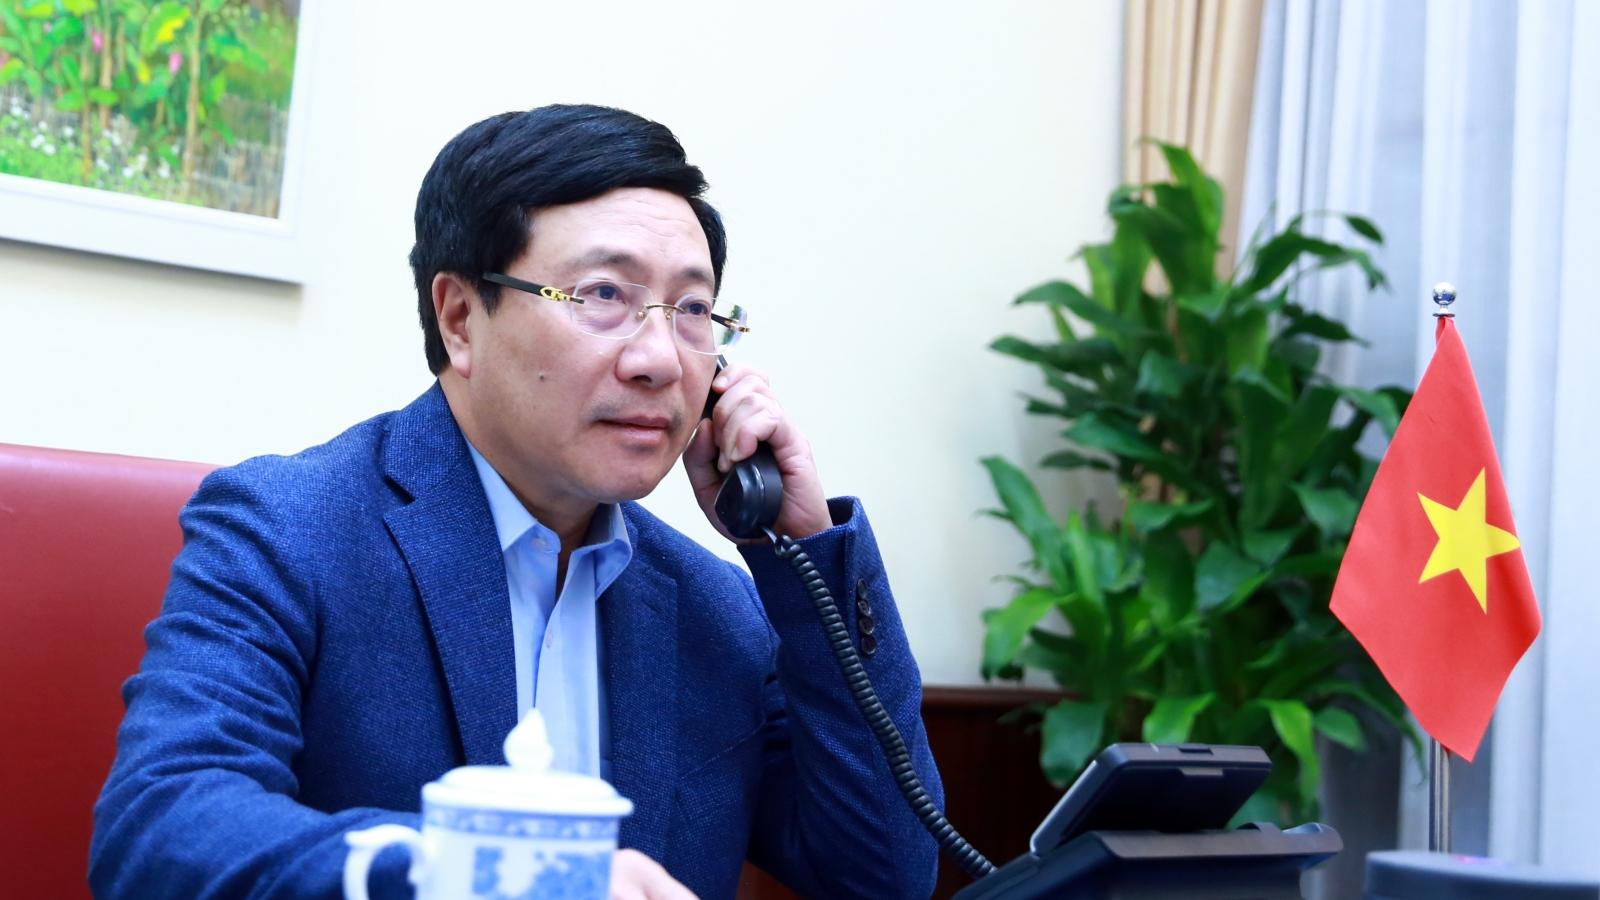 Phó Thủ tướng, Bộ trưởng Ngoại giaoPhạm Bình Minh điện đàm Ngoại trưởng Hoa Kỳ